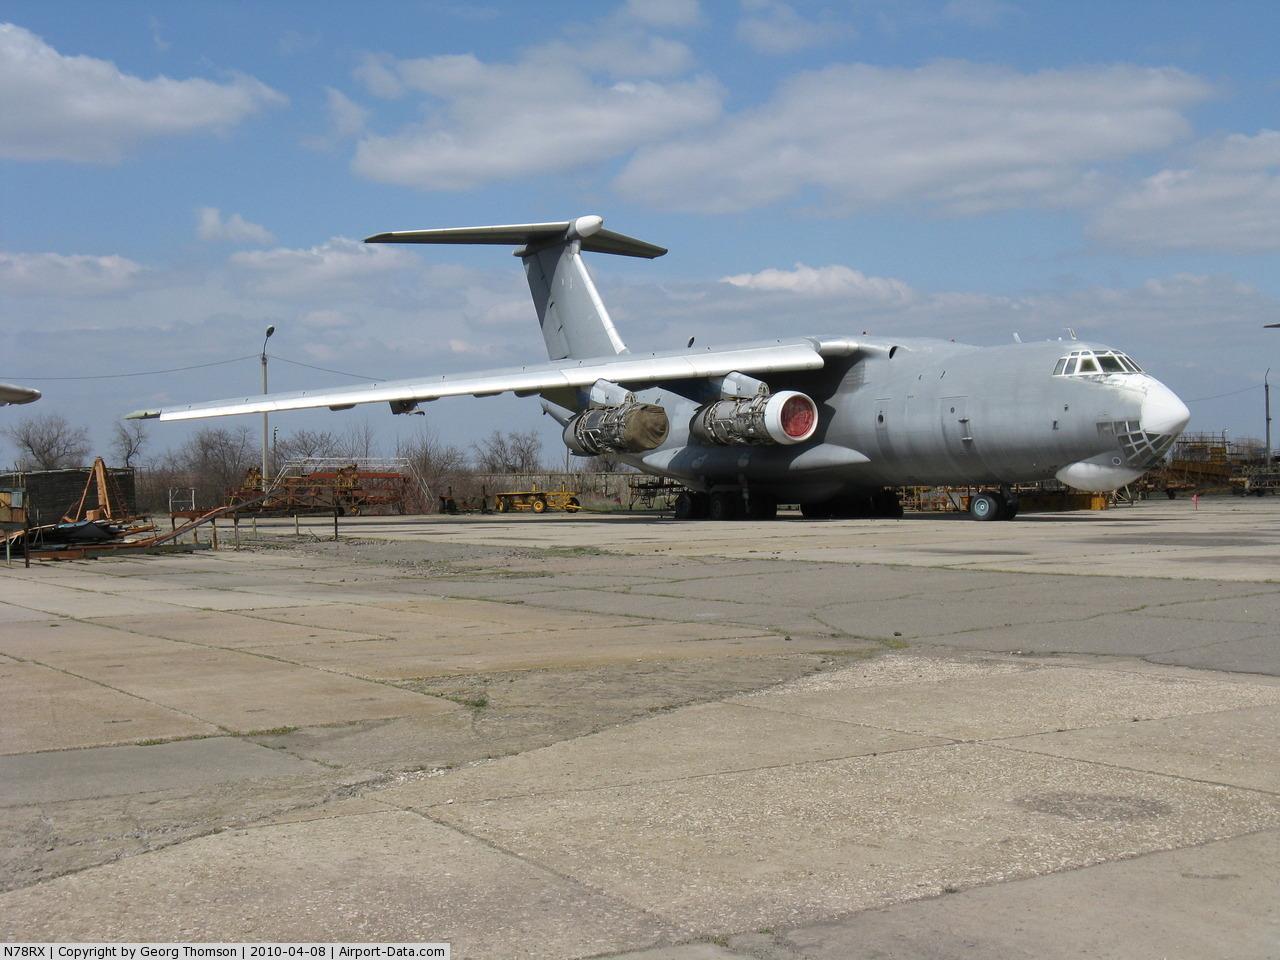 Николаевский авиаремонтный завод пытается отсудить один из проданных в США самолетов Ил-78